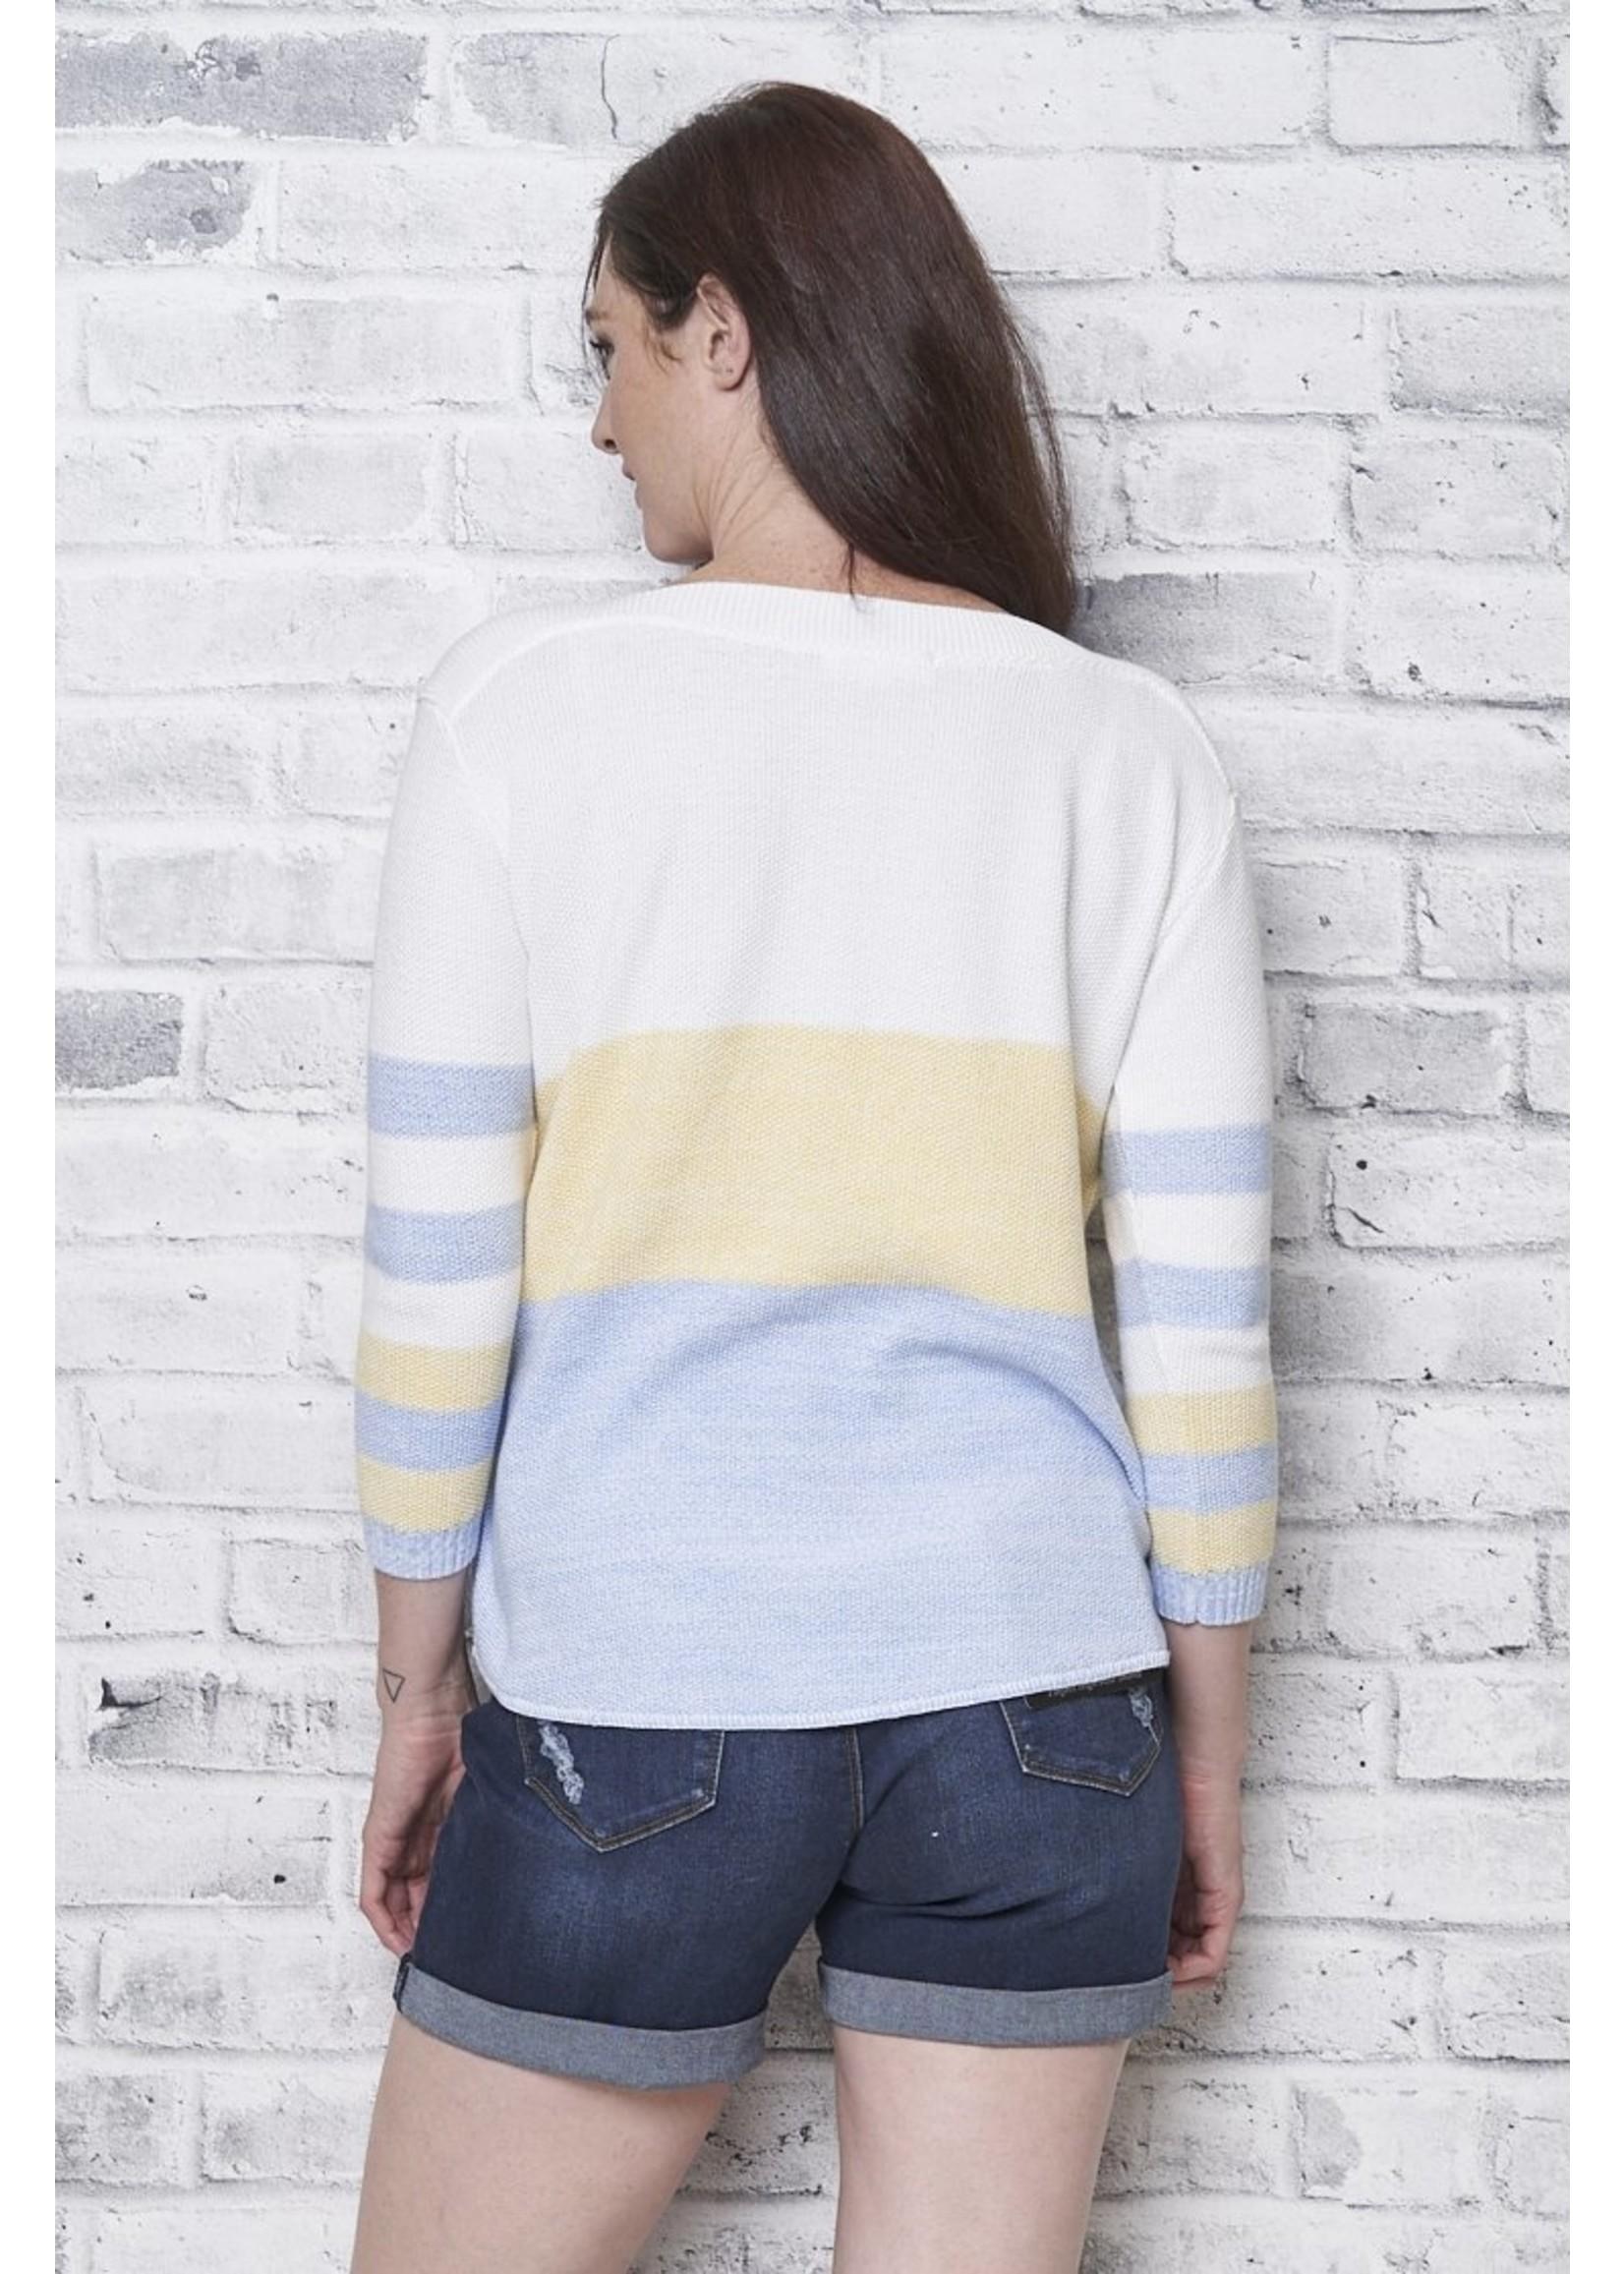 Parkhurst Valerie Pullover Sweater